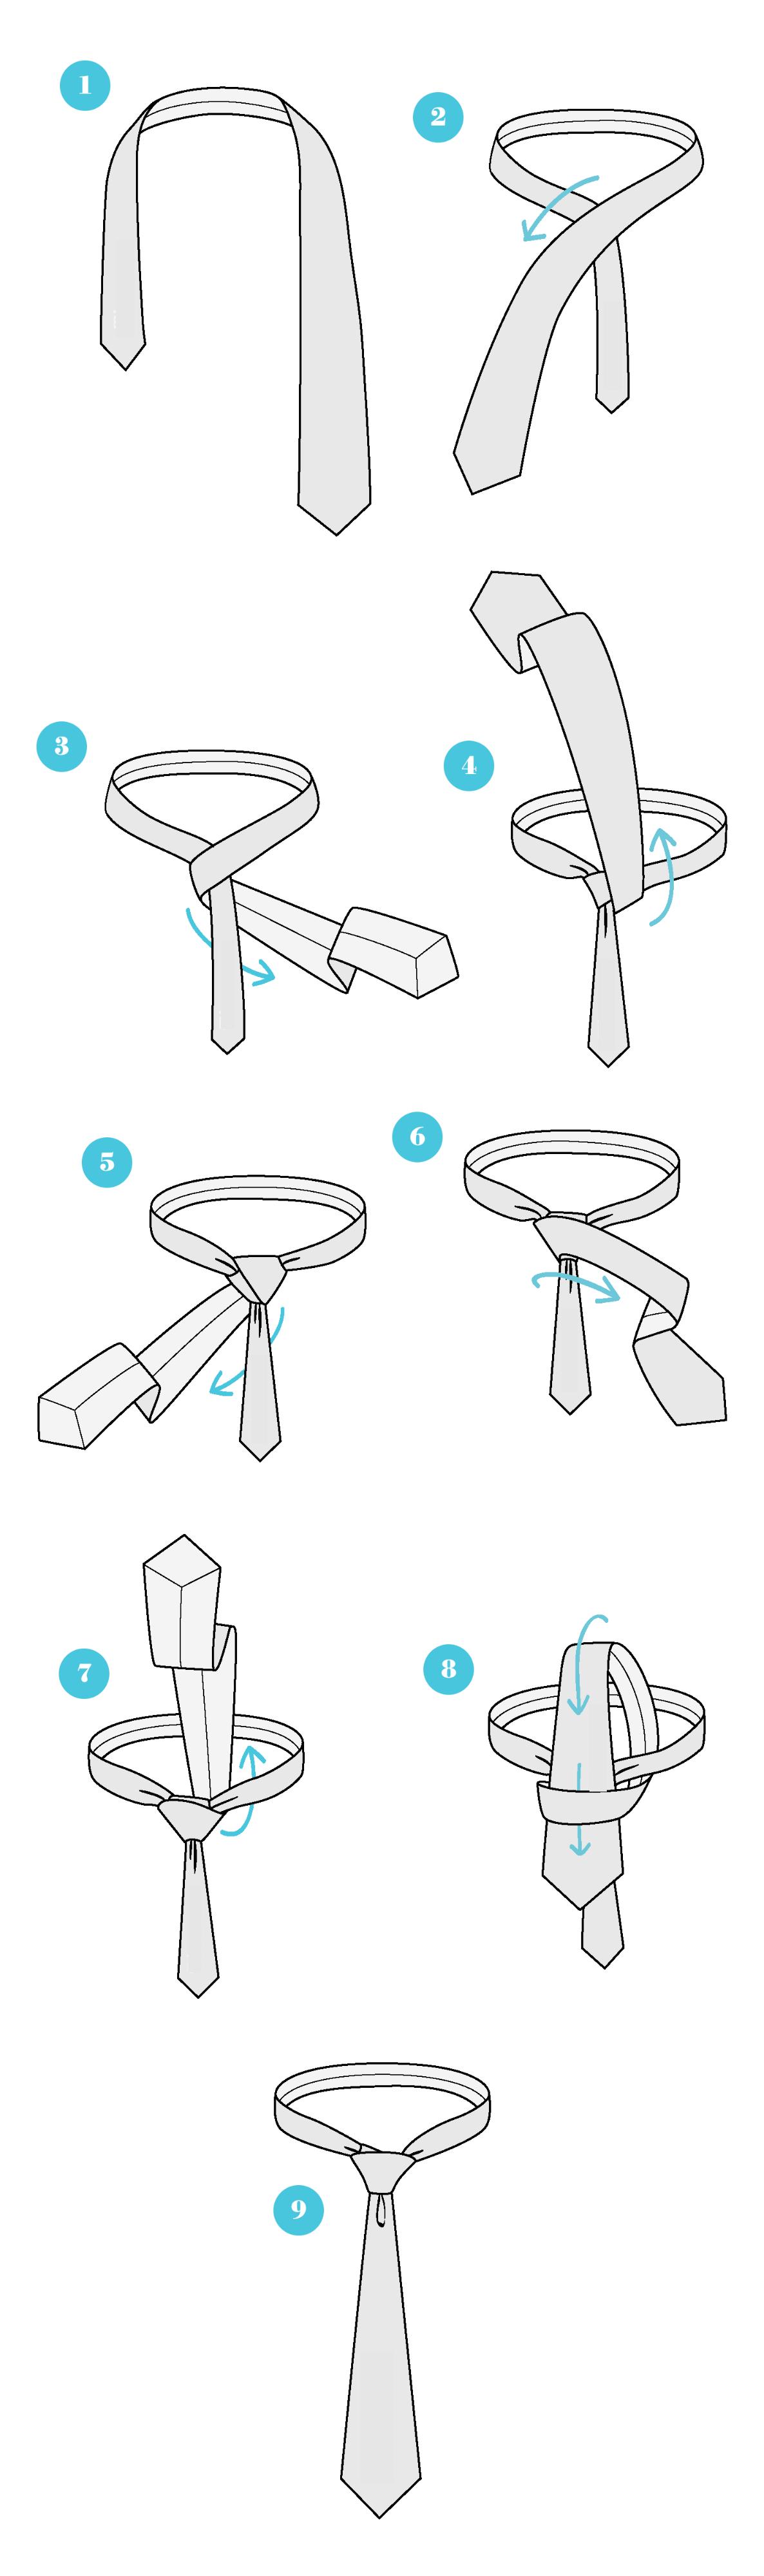 das praktische handbuch f r krawattenknoten accessoires. Black Bedroom Furniture Sets. Home Design Ideas